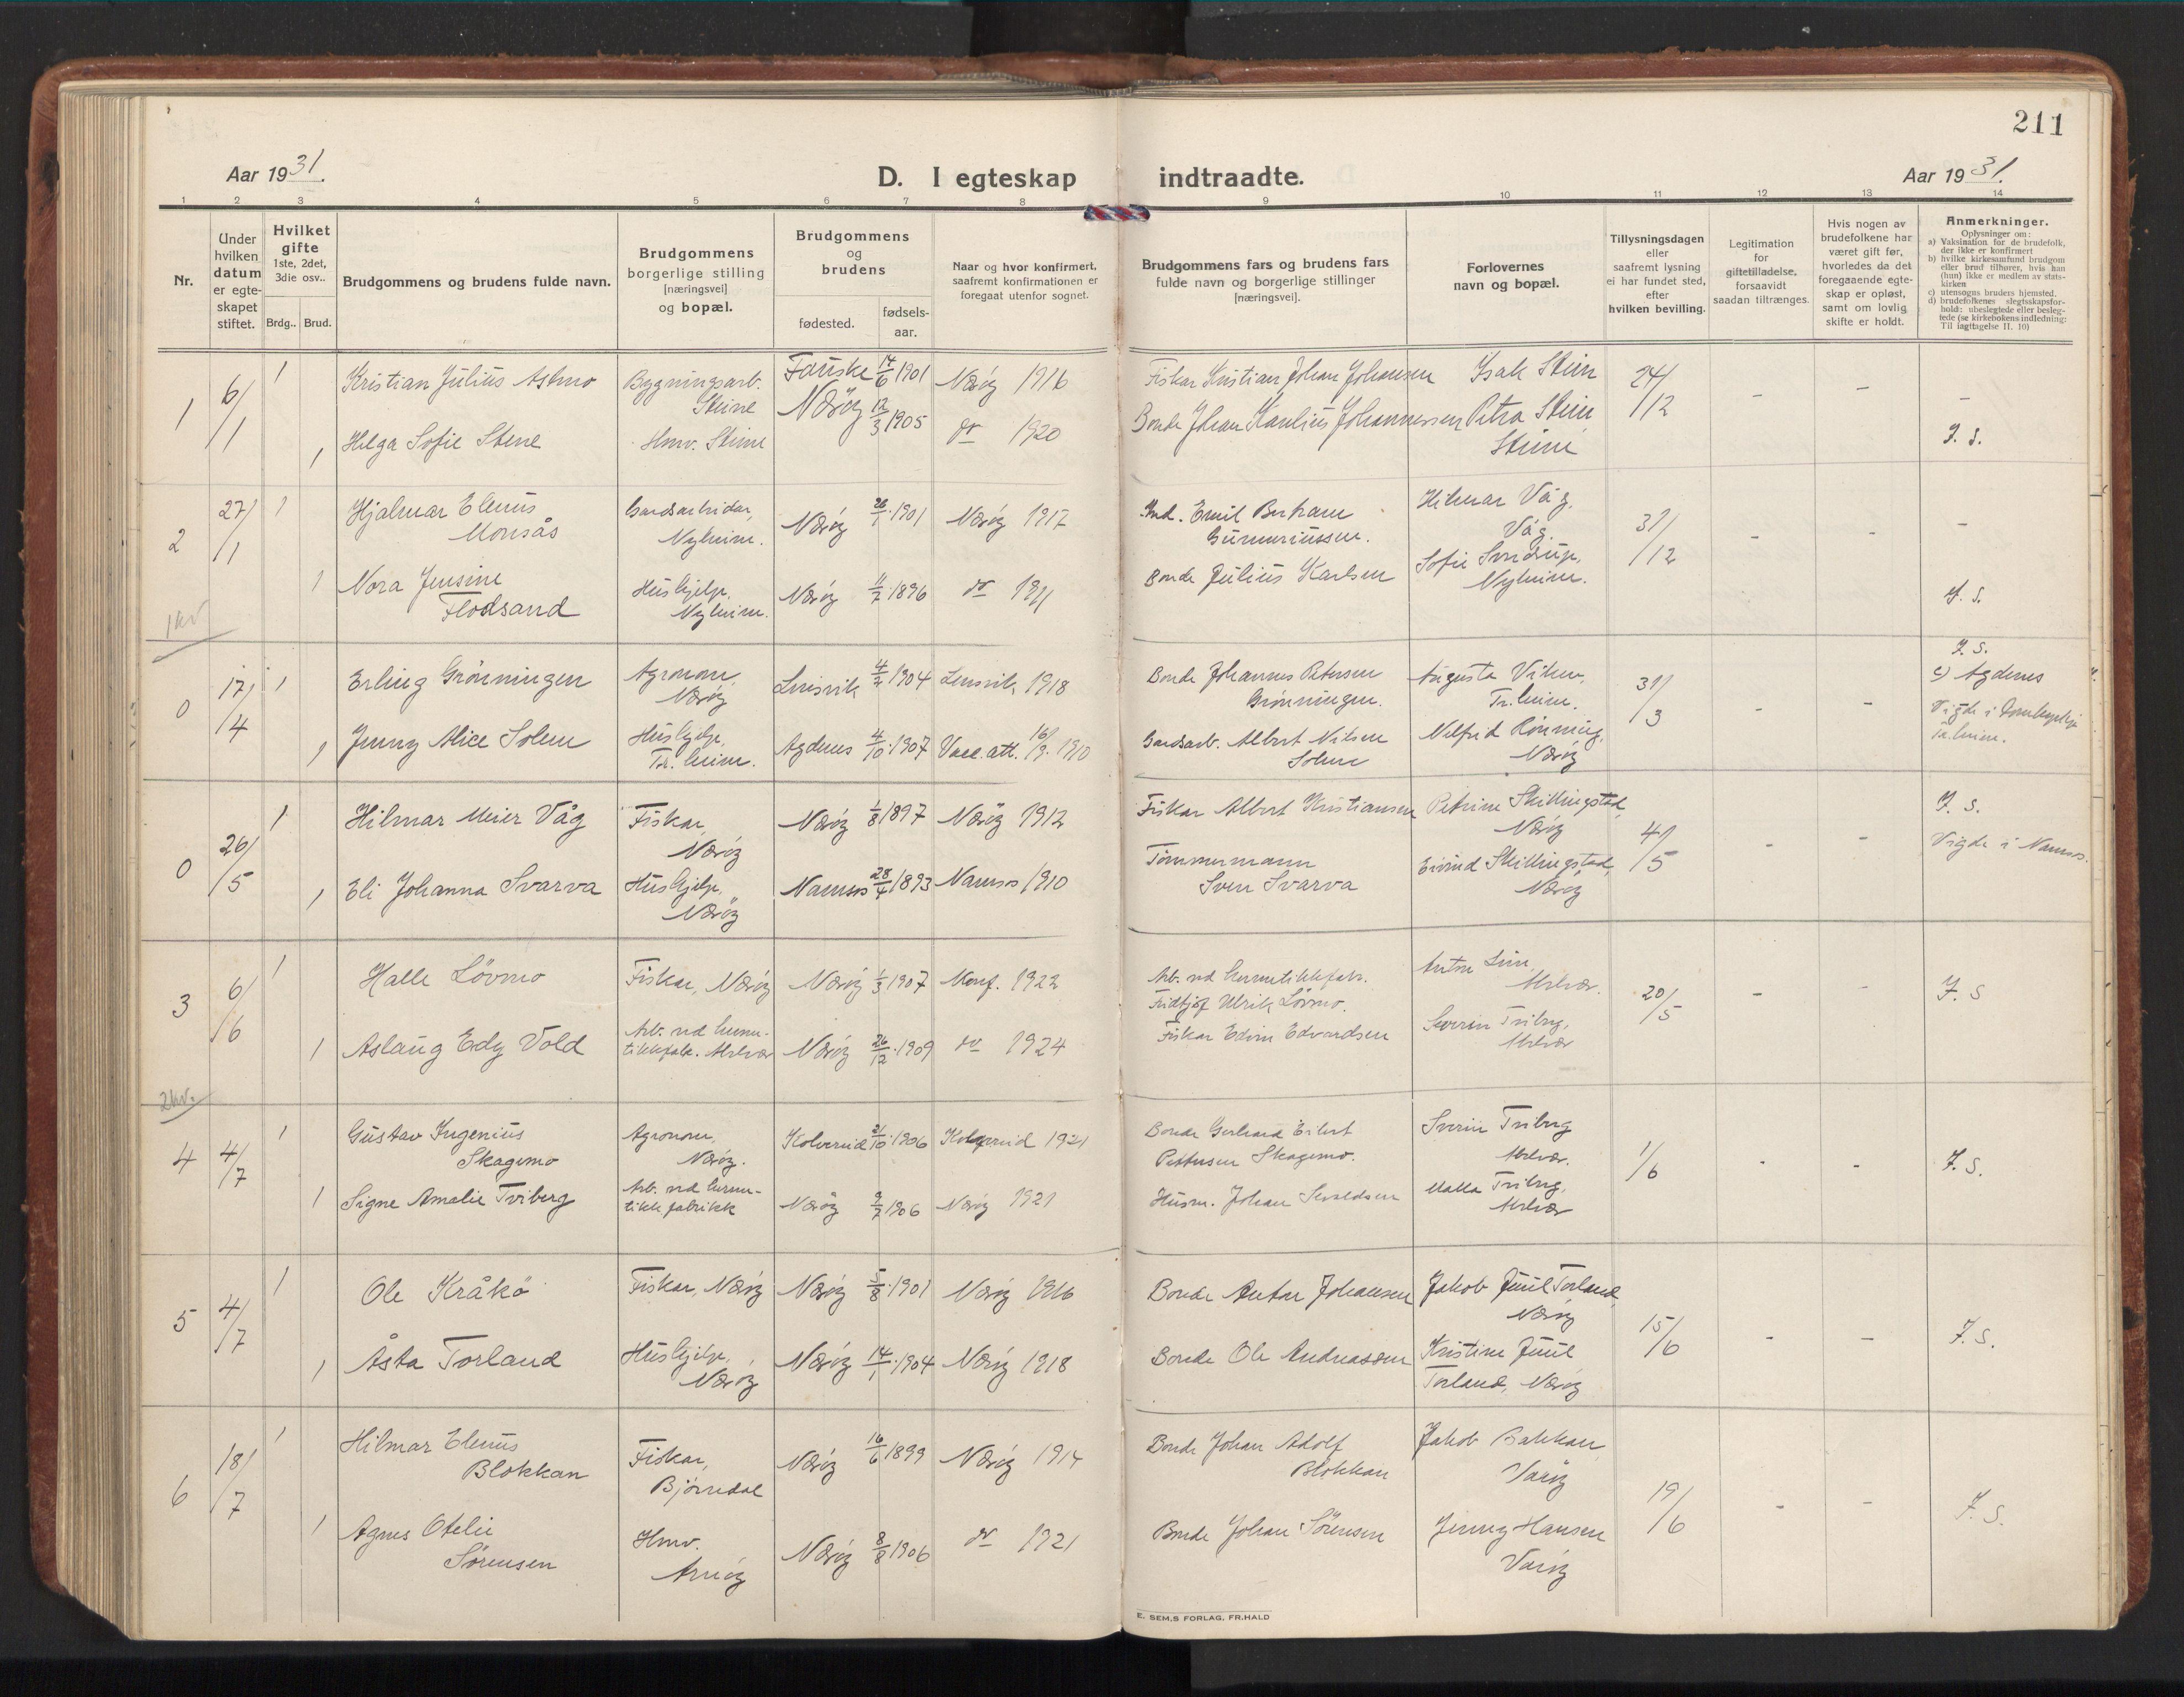 SAT, Ministerialprotokoller, klokkerbøker og fødselsregistre - Nord-Trøndelag, 784/L0678: Ministerialbok nr. 784A13, 1921-1938, s. 211